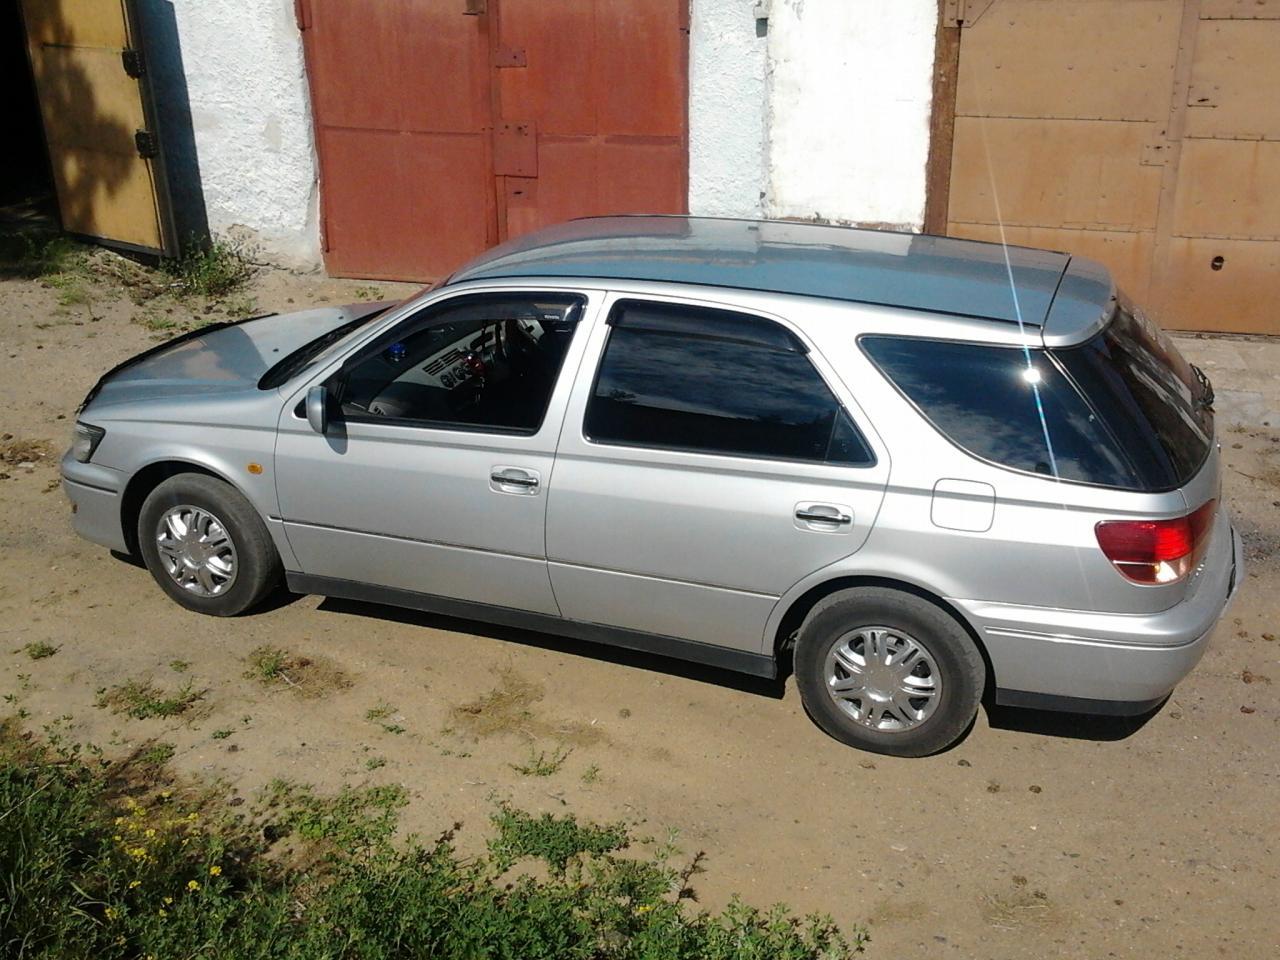 Продажа Тойота Виста 2001 в Абакане, 25 ПТС, один ...